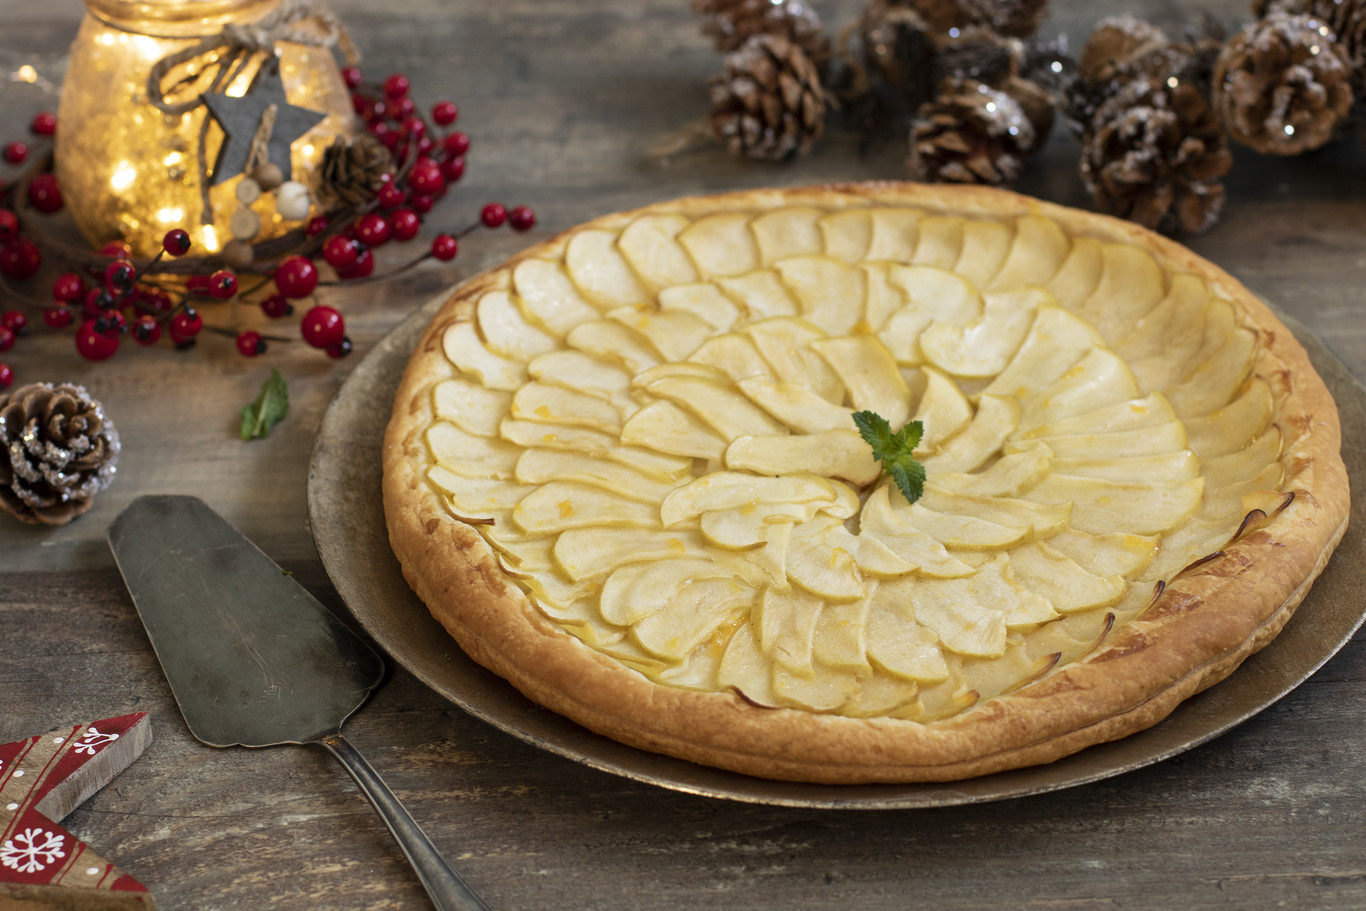 Las fiestas navideñas piden tarta: 5 recetas irresistibles y fáciles de preparar